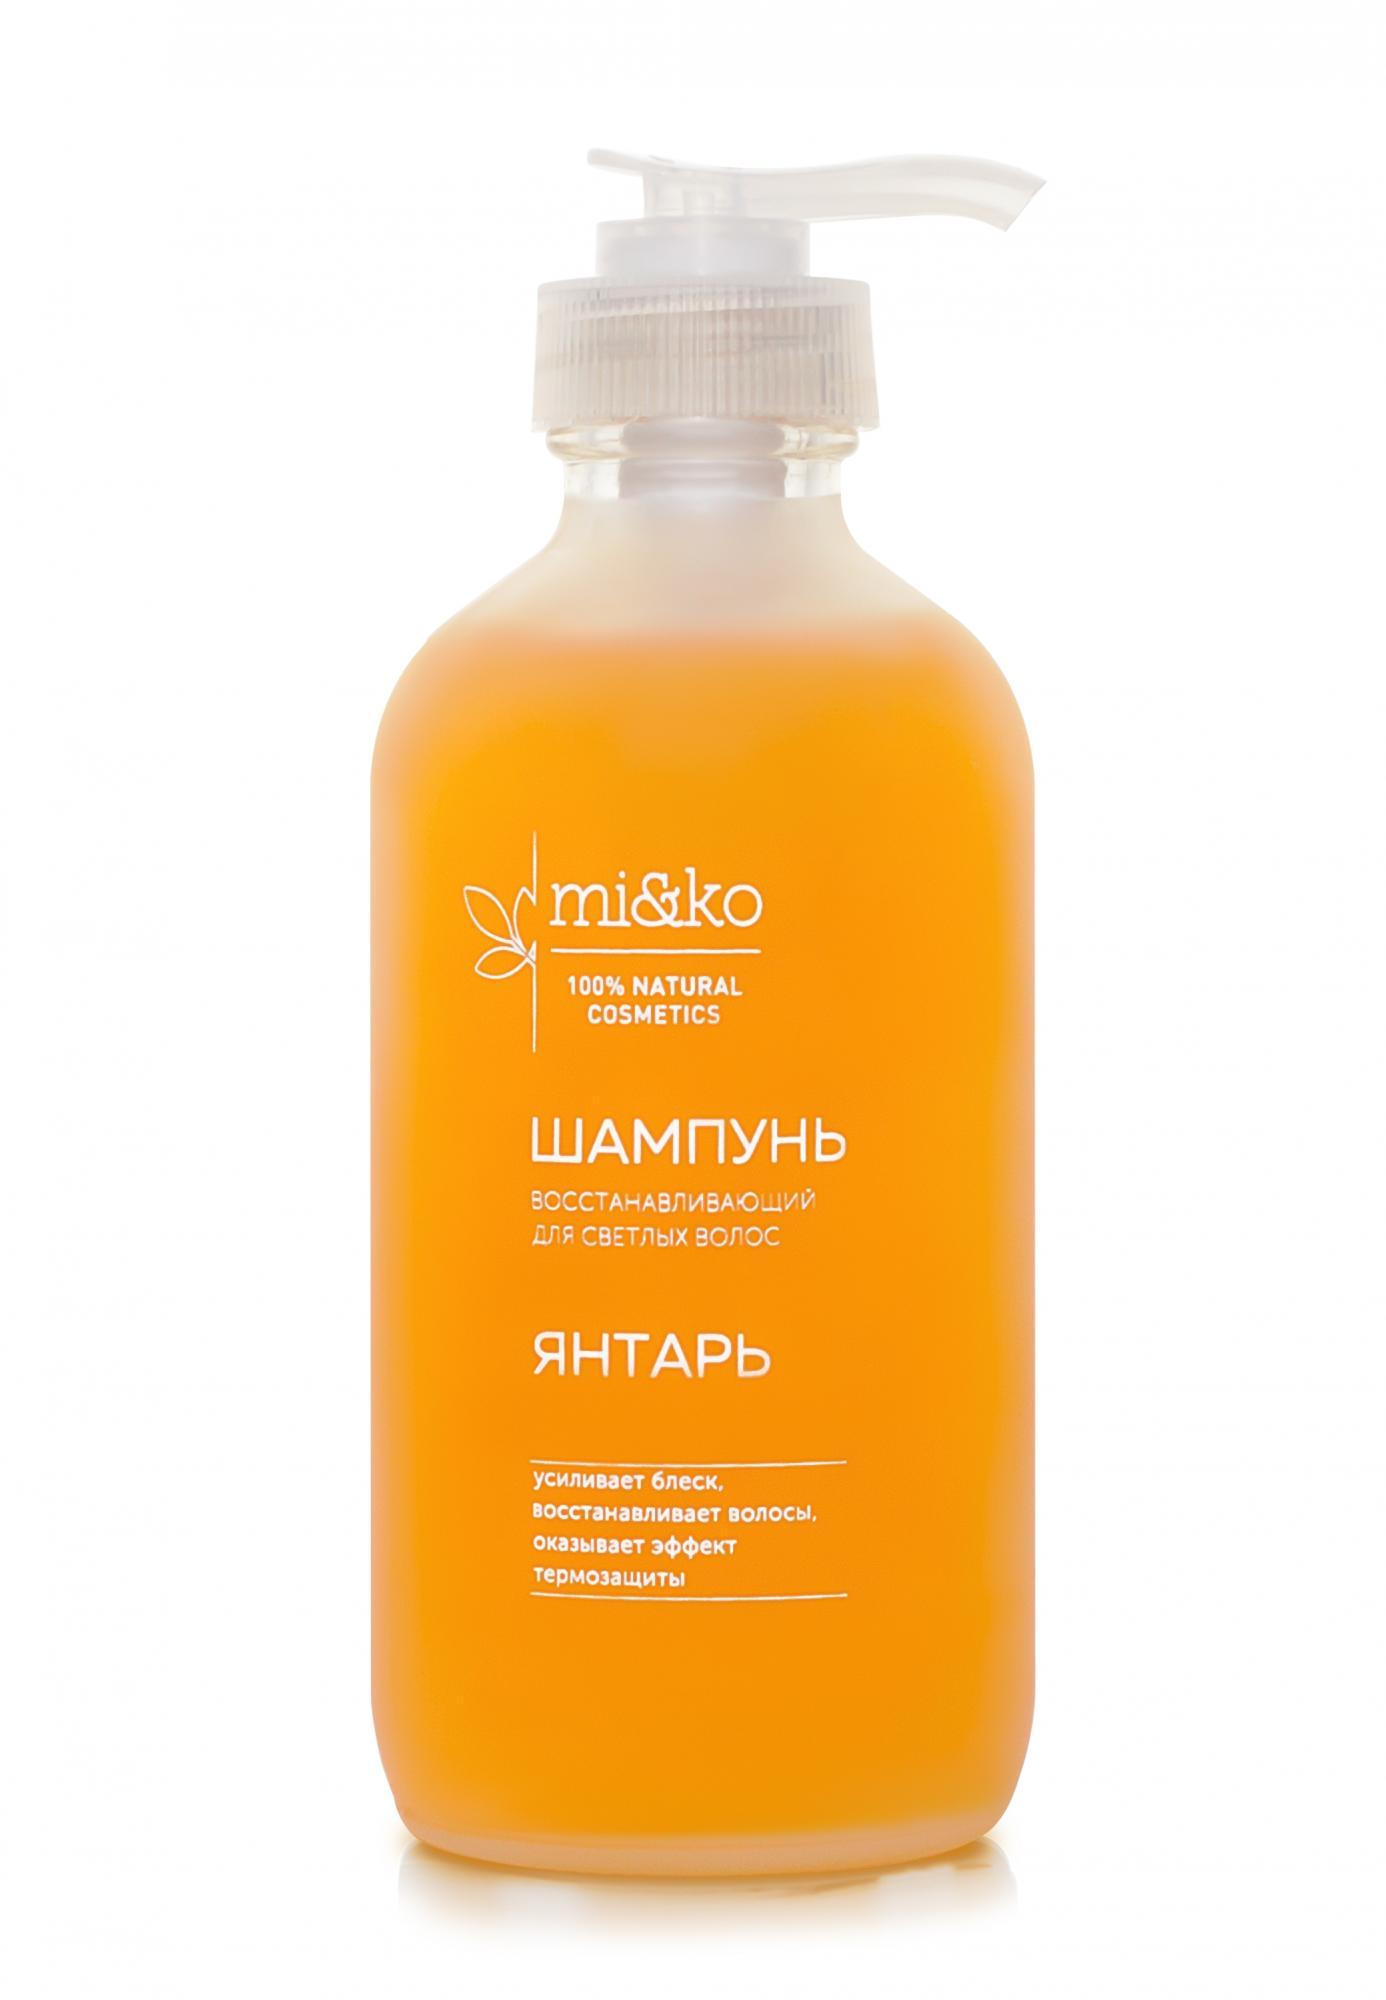 Шампунь Янтарь восстанавливающий для светлых волос 230 мл